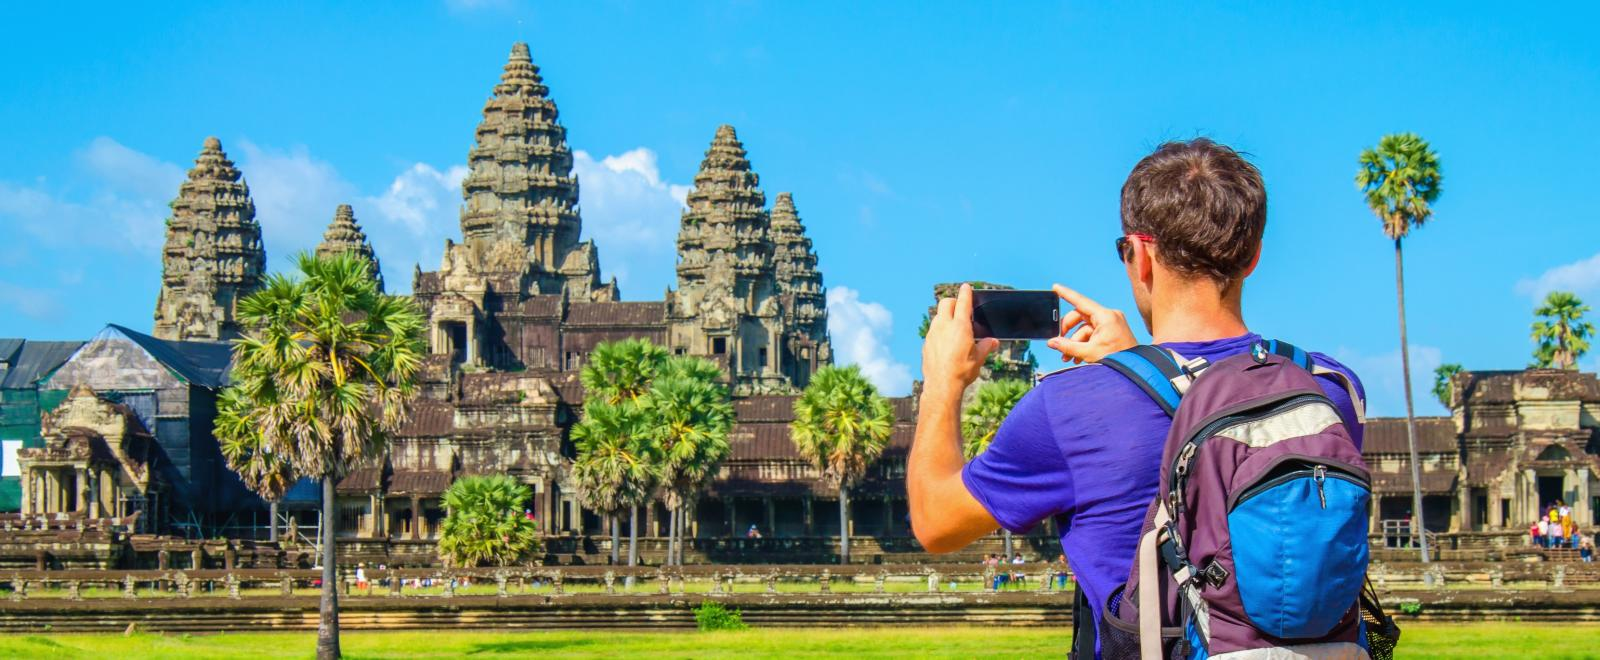 Un voyageur prend en photo les temples d'Angkor pendant son circuit de découverte du Cambodge.